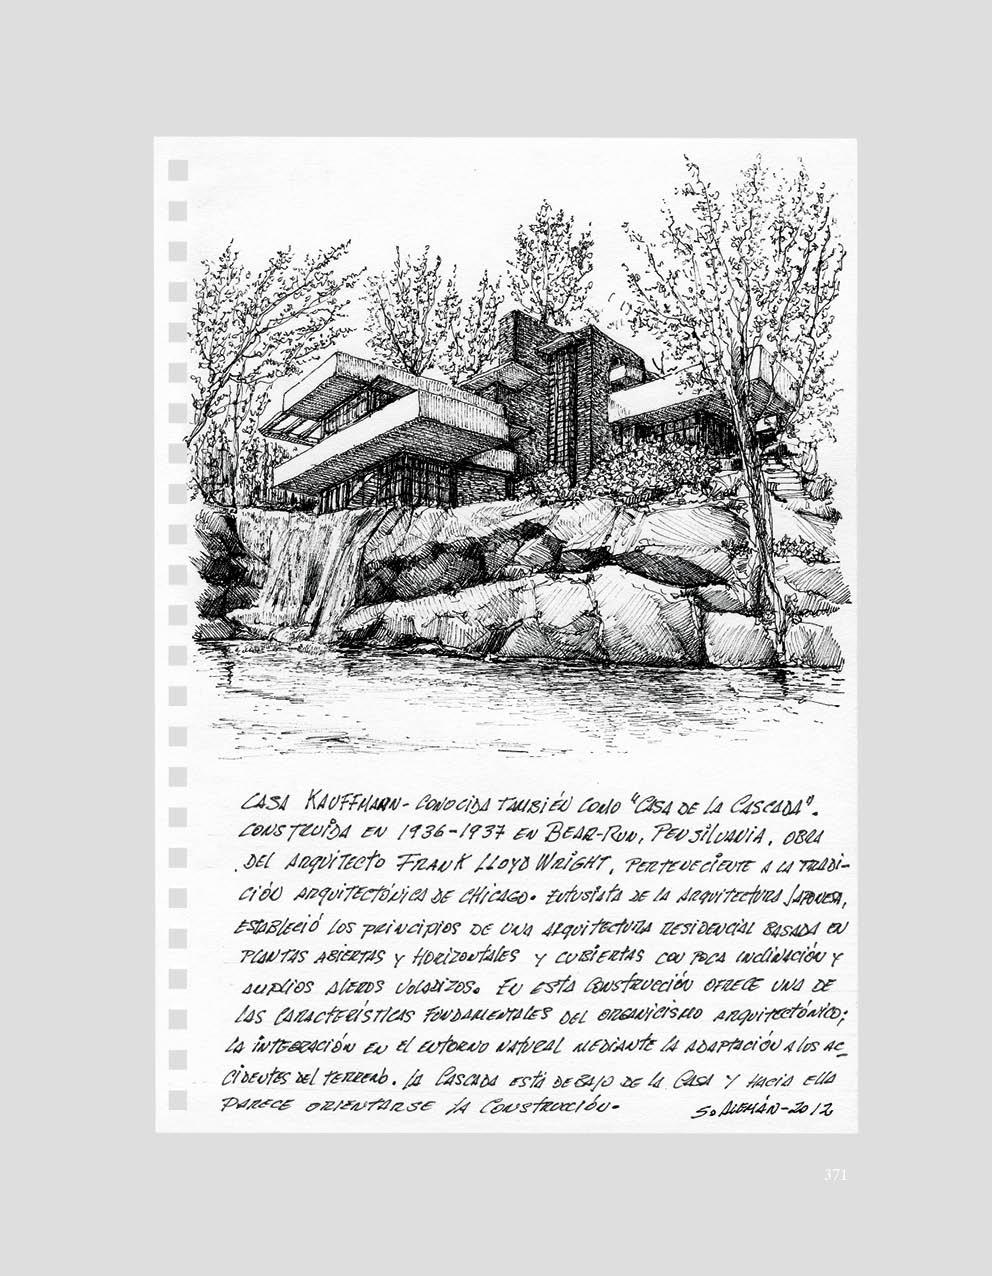 09 Libro S-Aleman 371.jpg